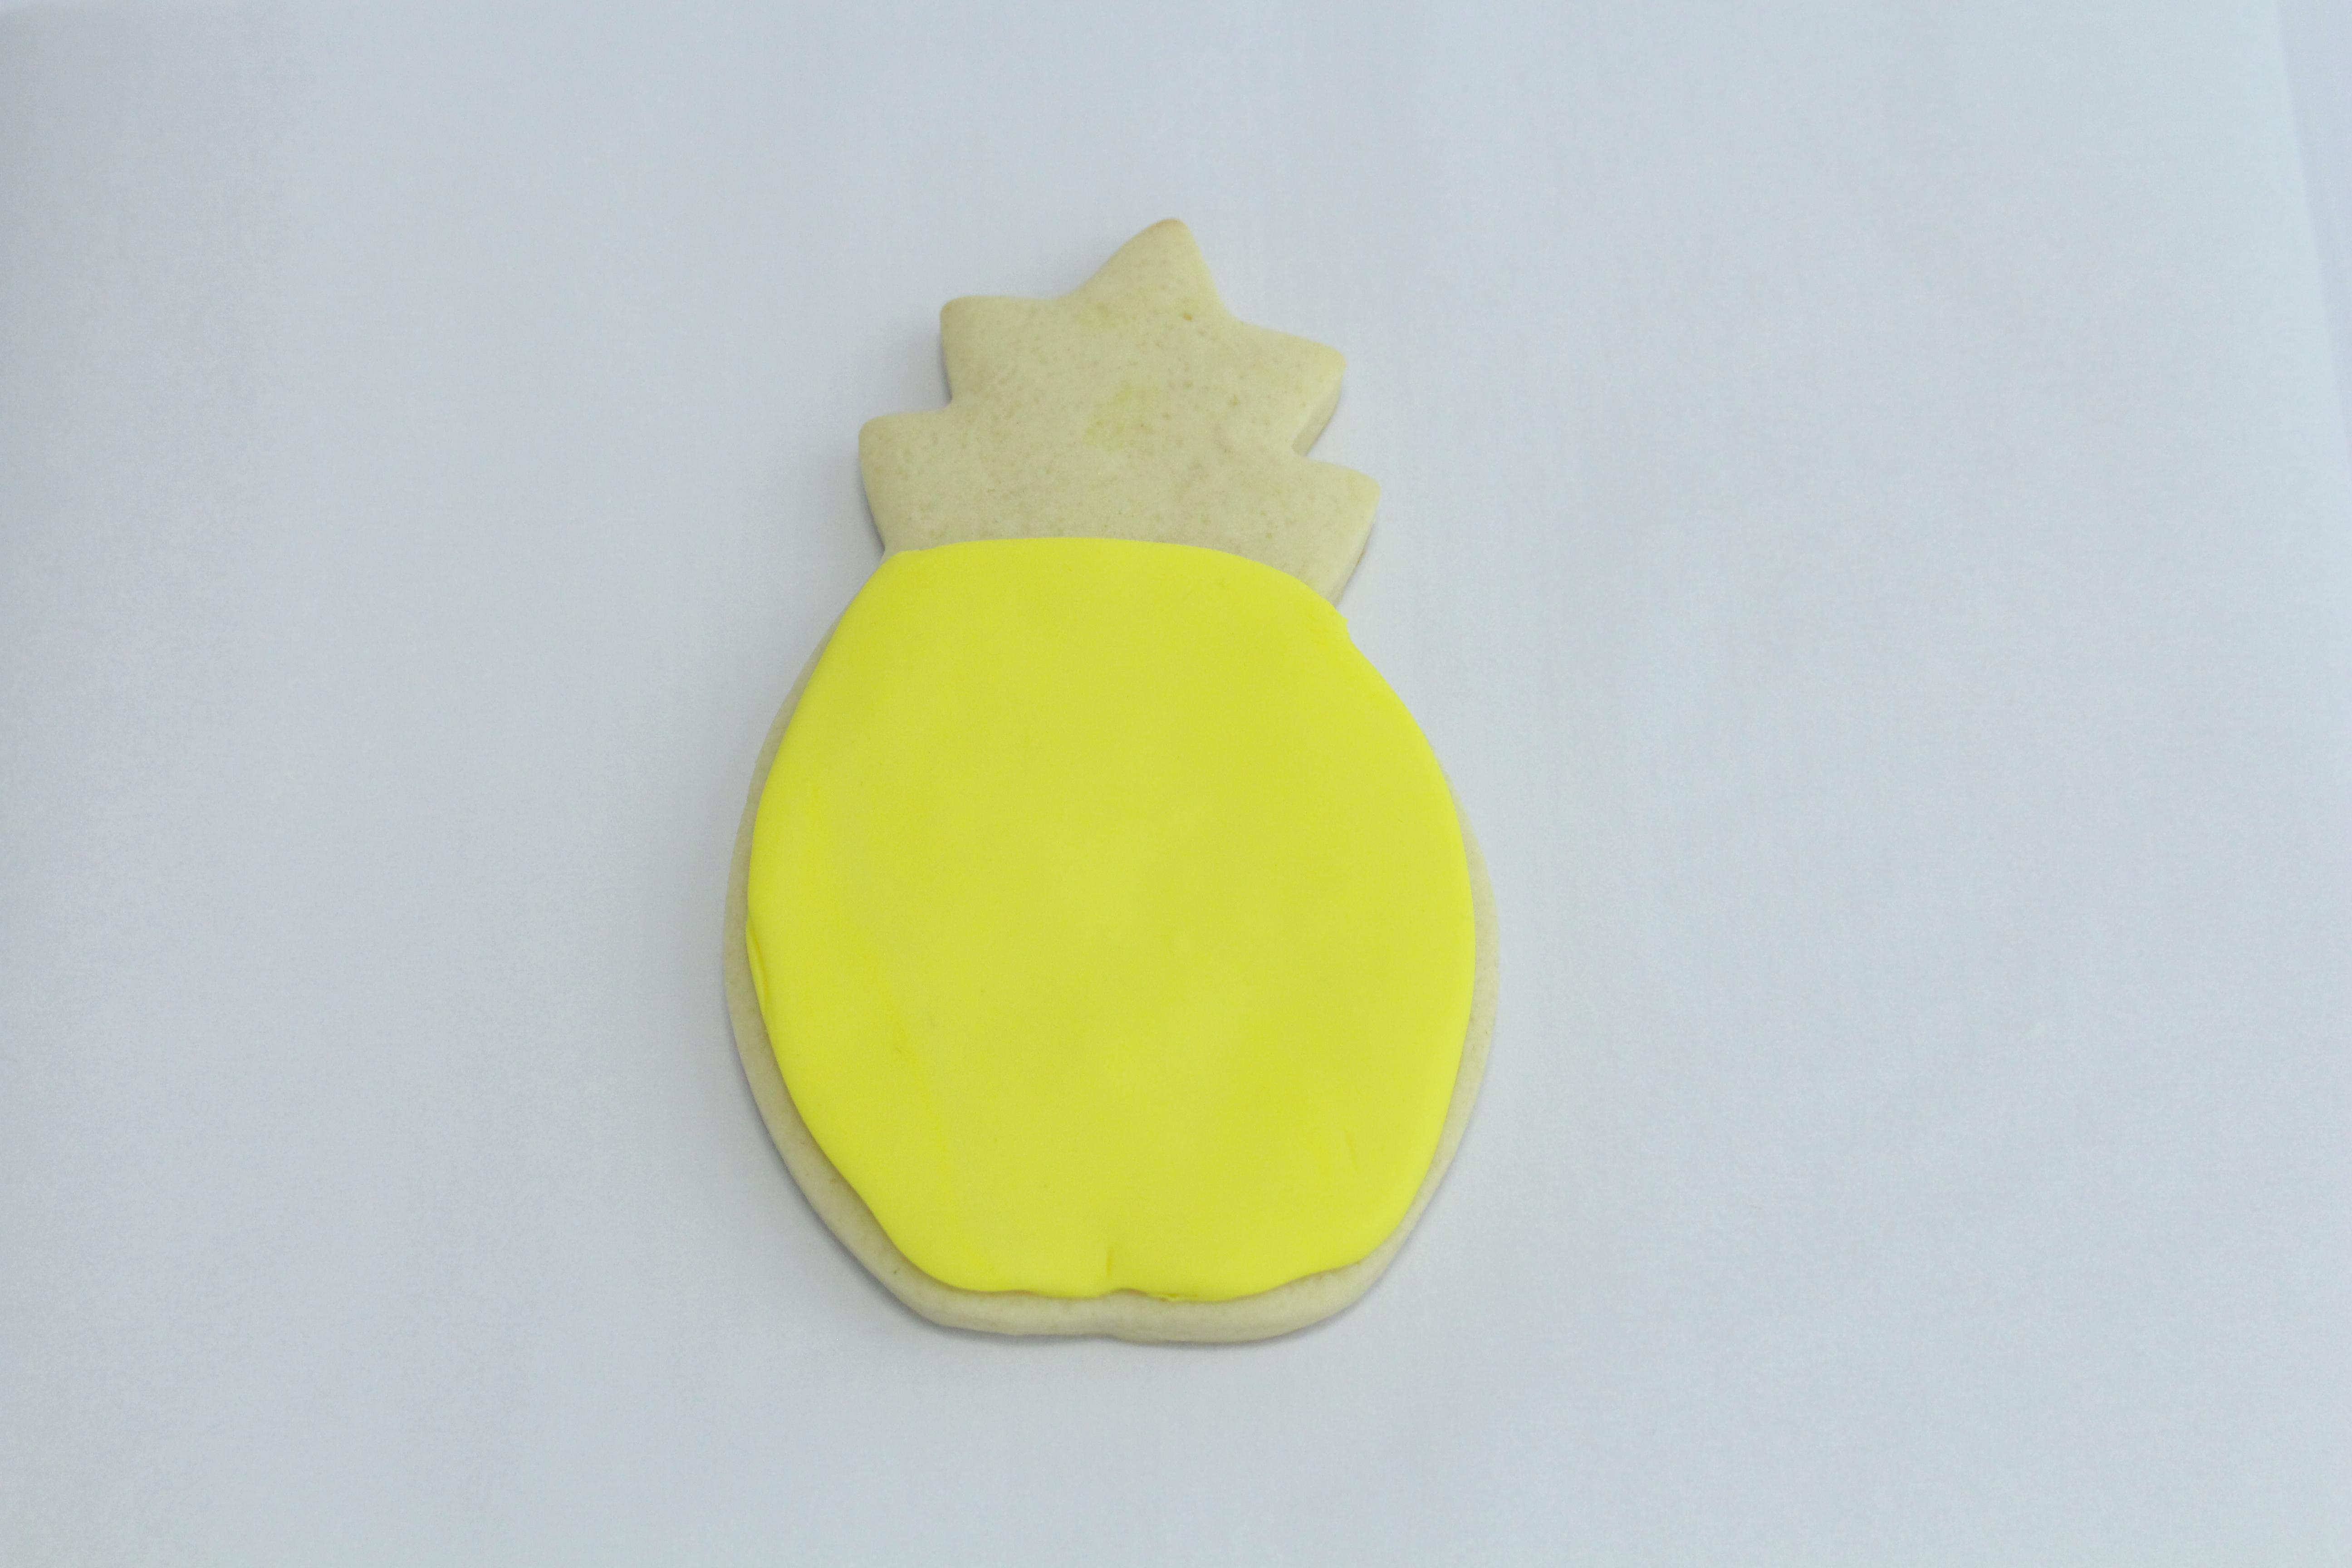 Pineapple5.jpg#asset:19701